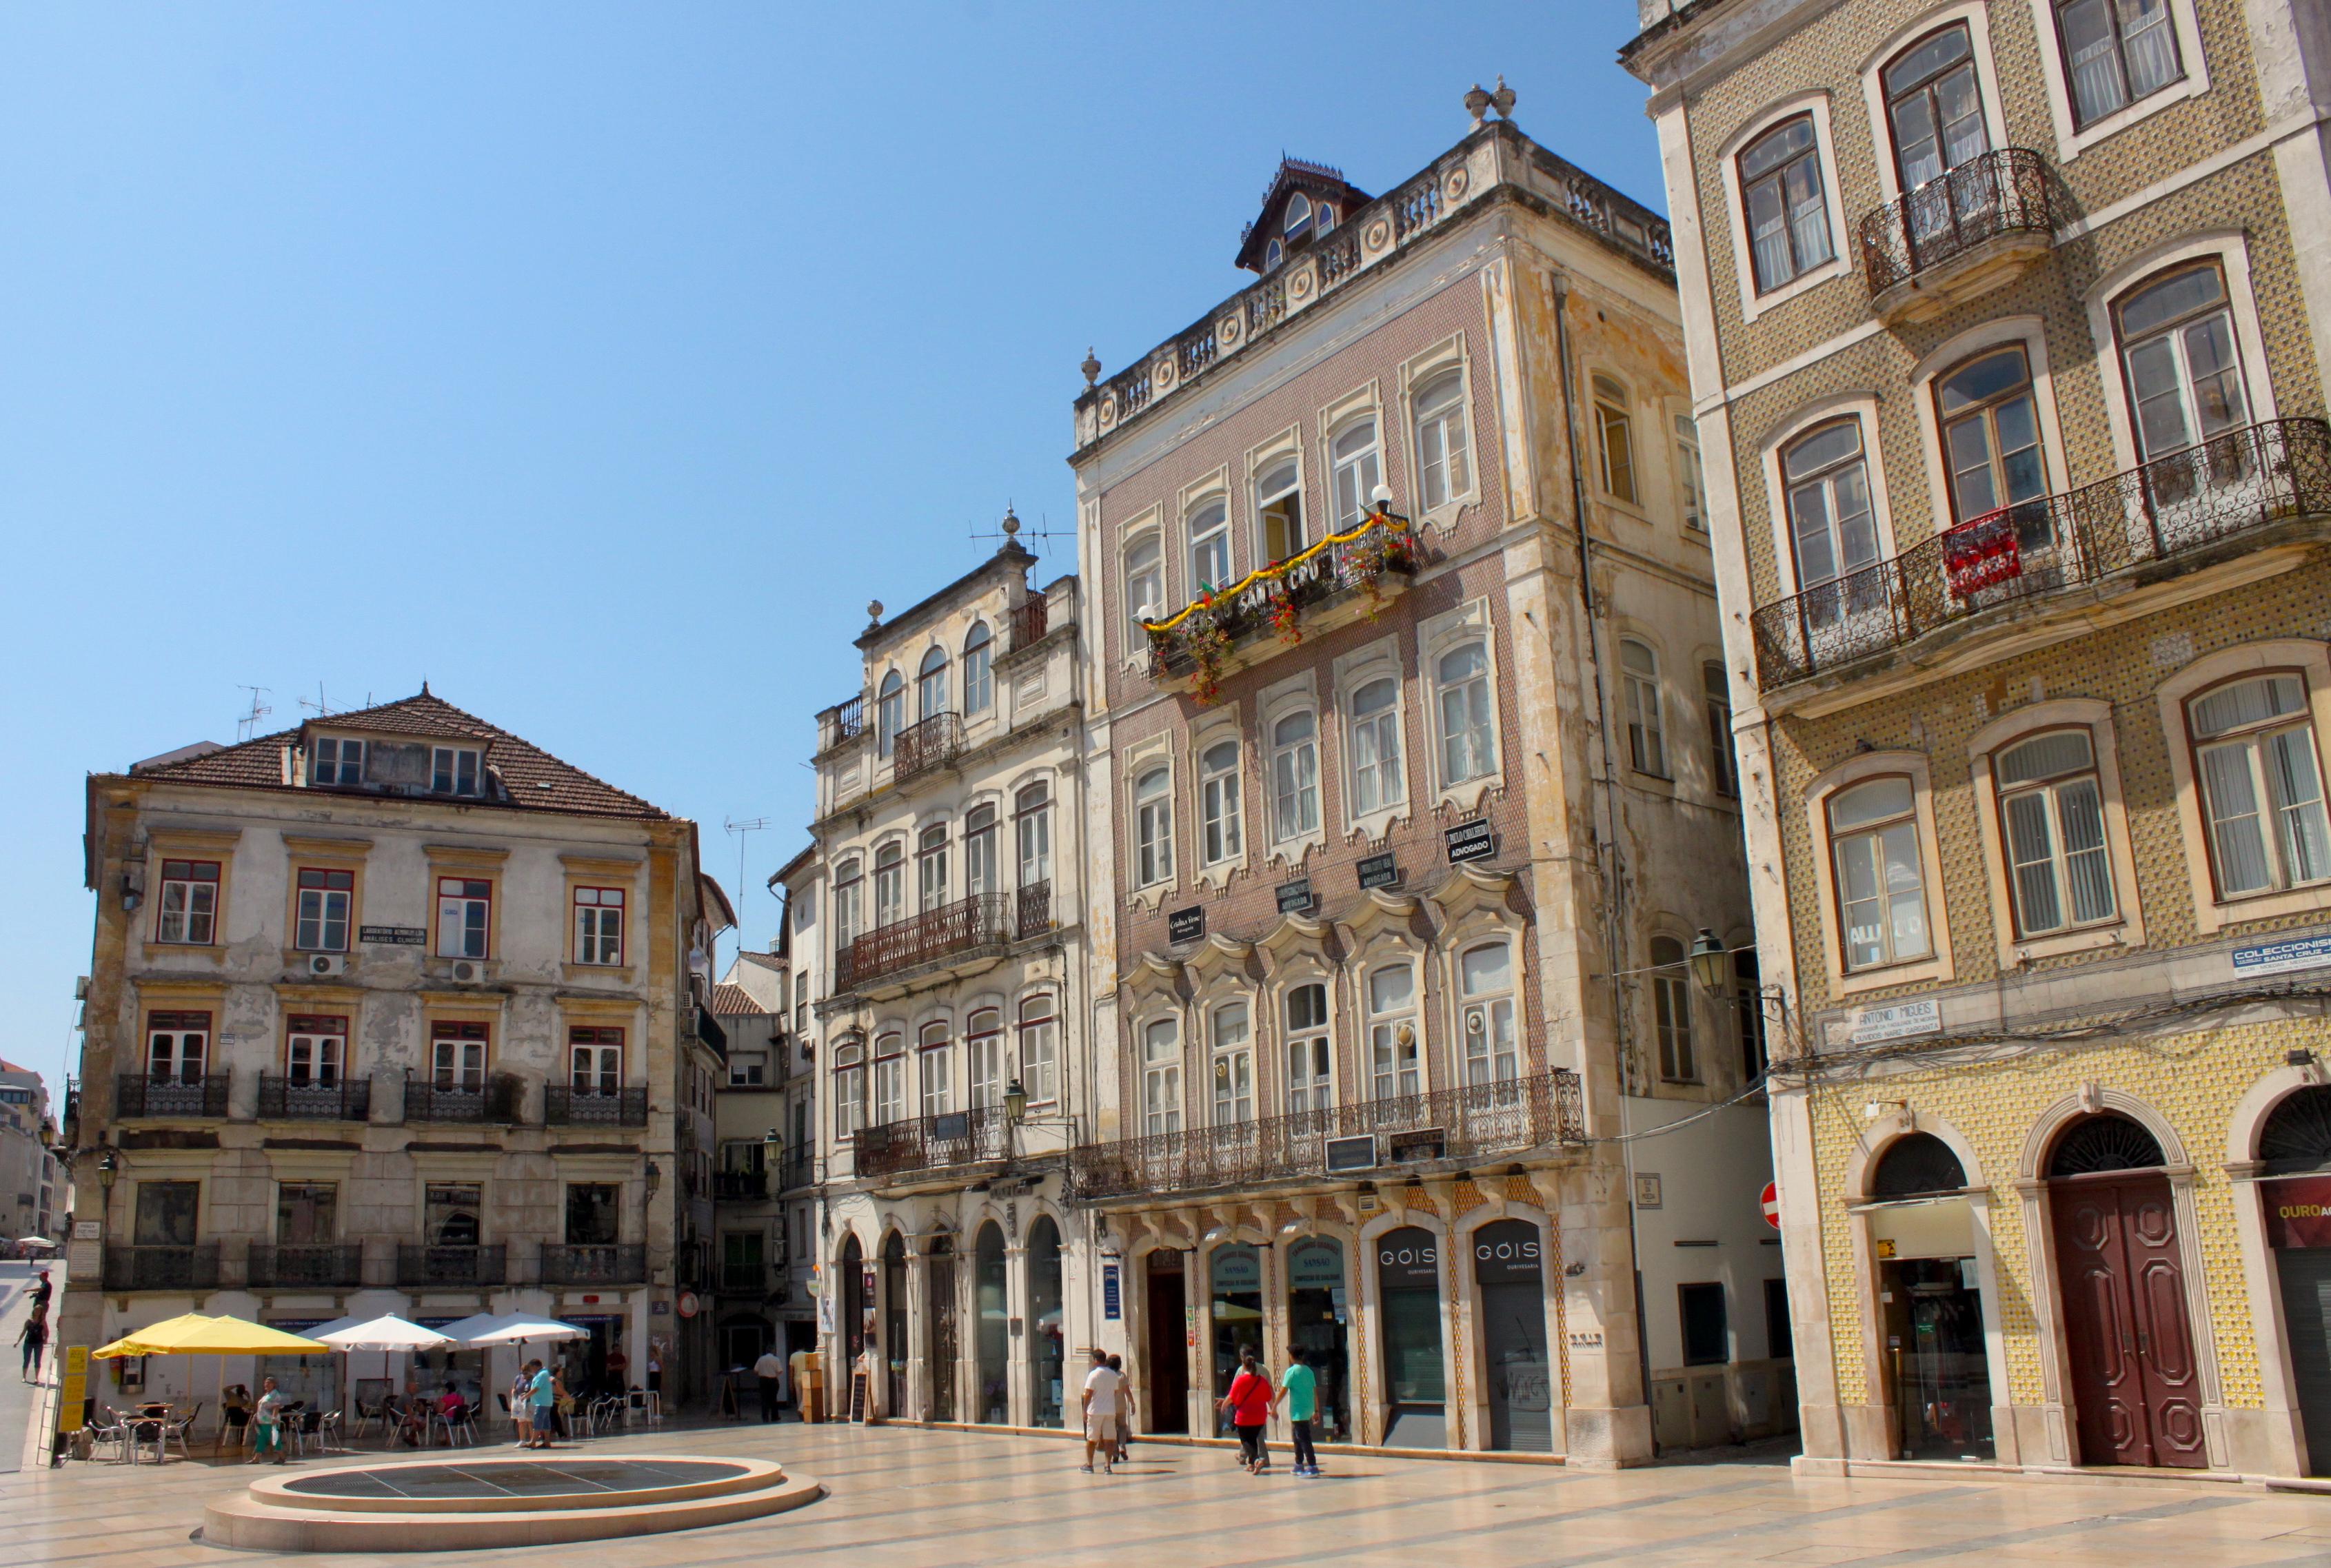 La piazza centrale di Coimbra invasa dal sole